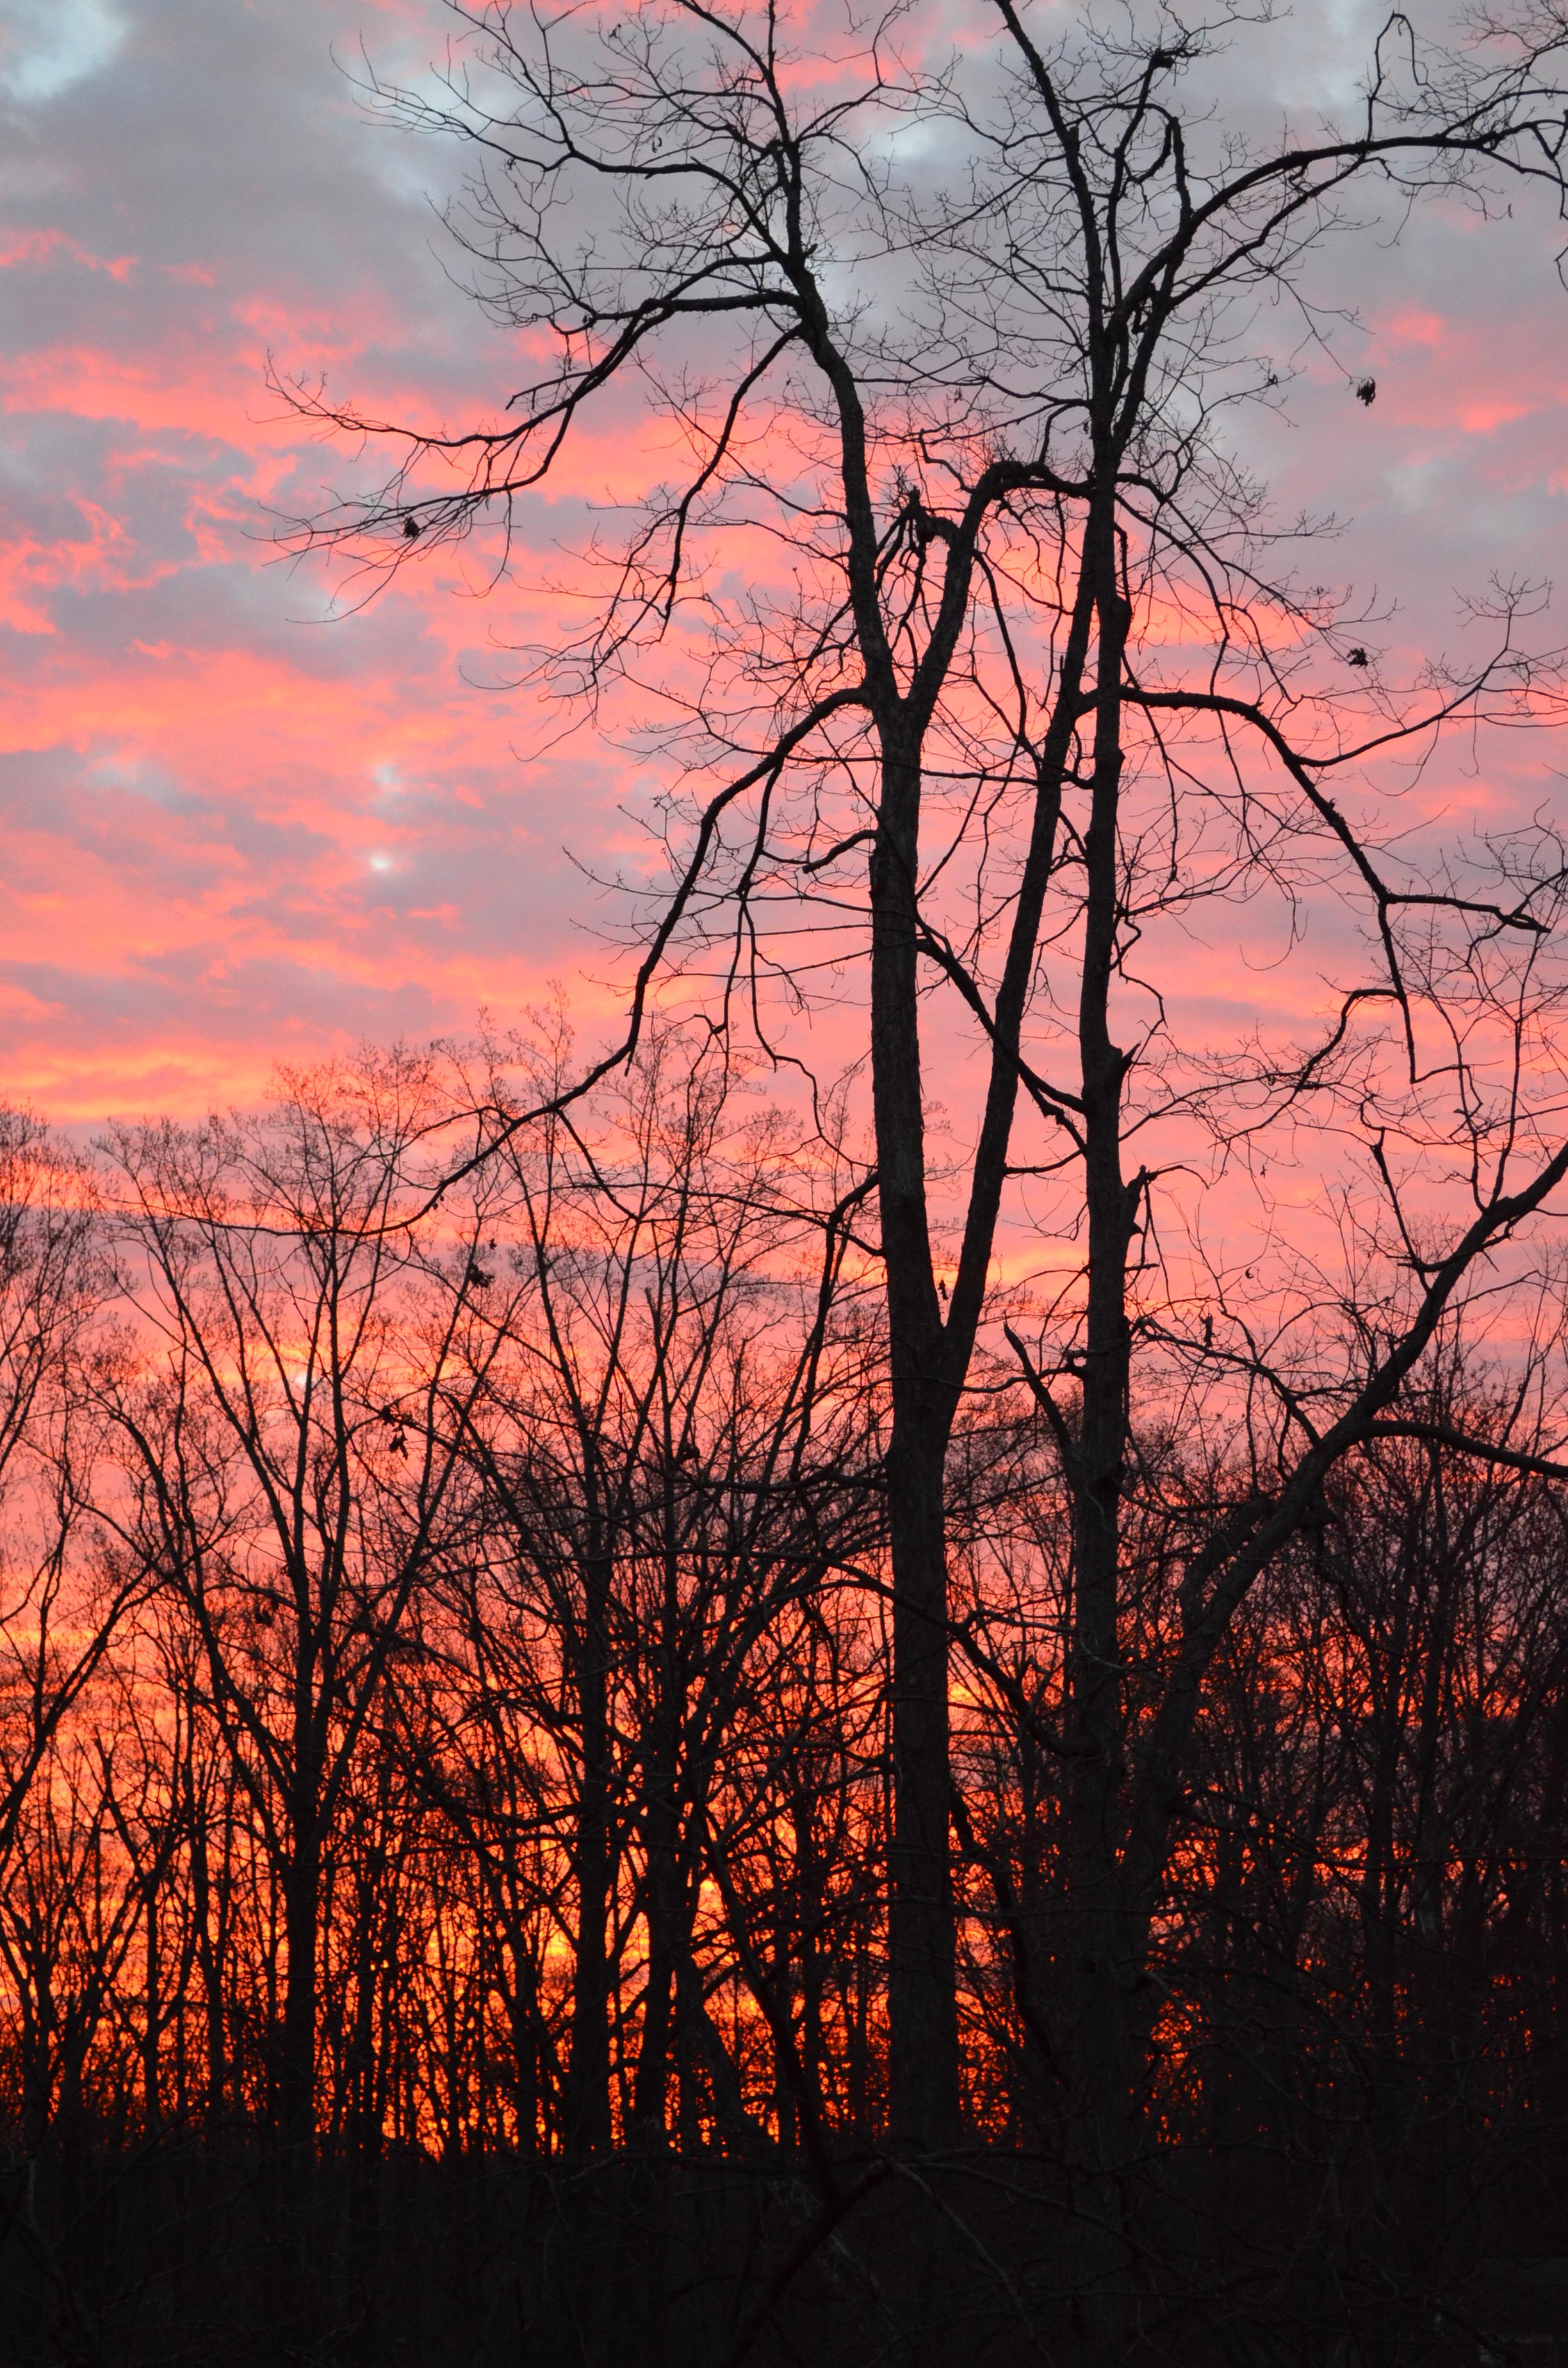 Sunset over Annandale VA 4